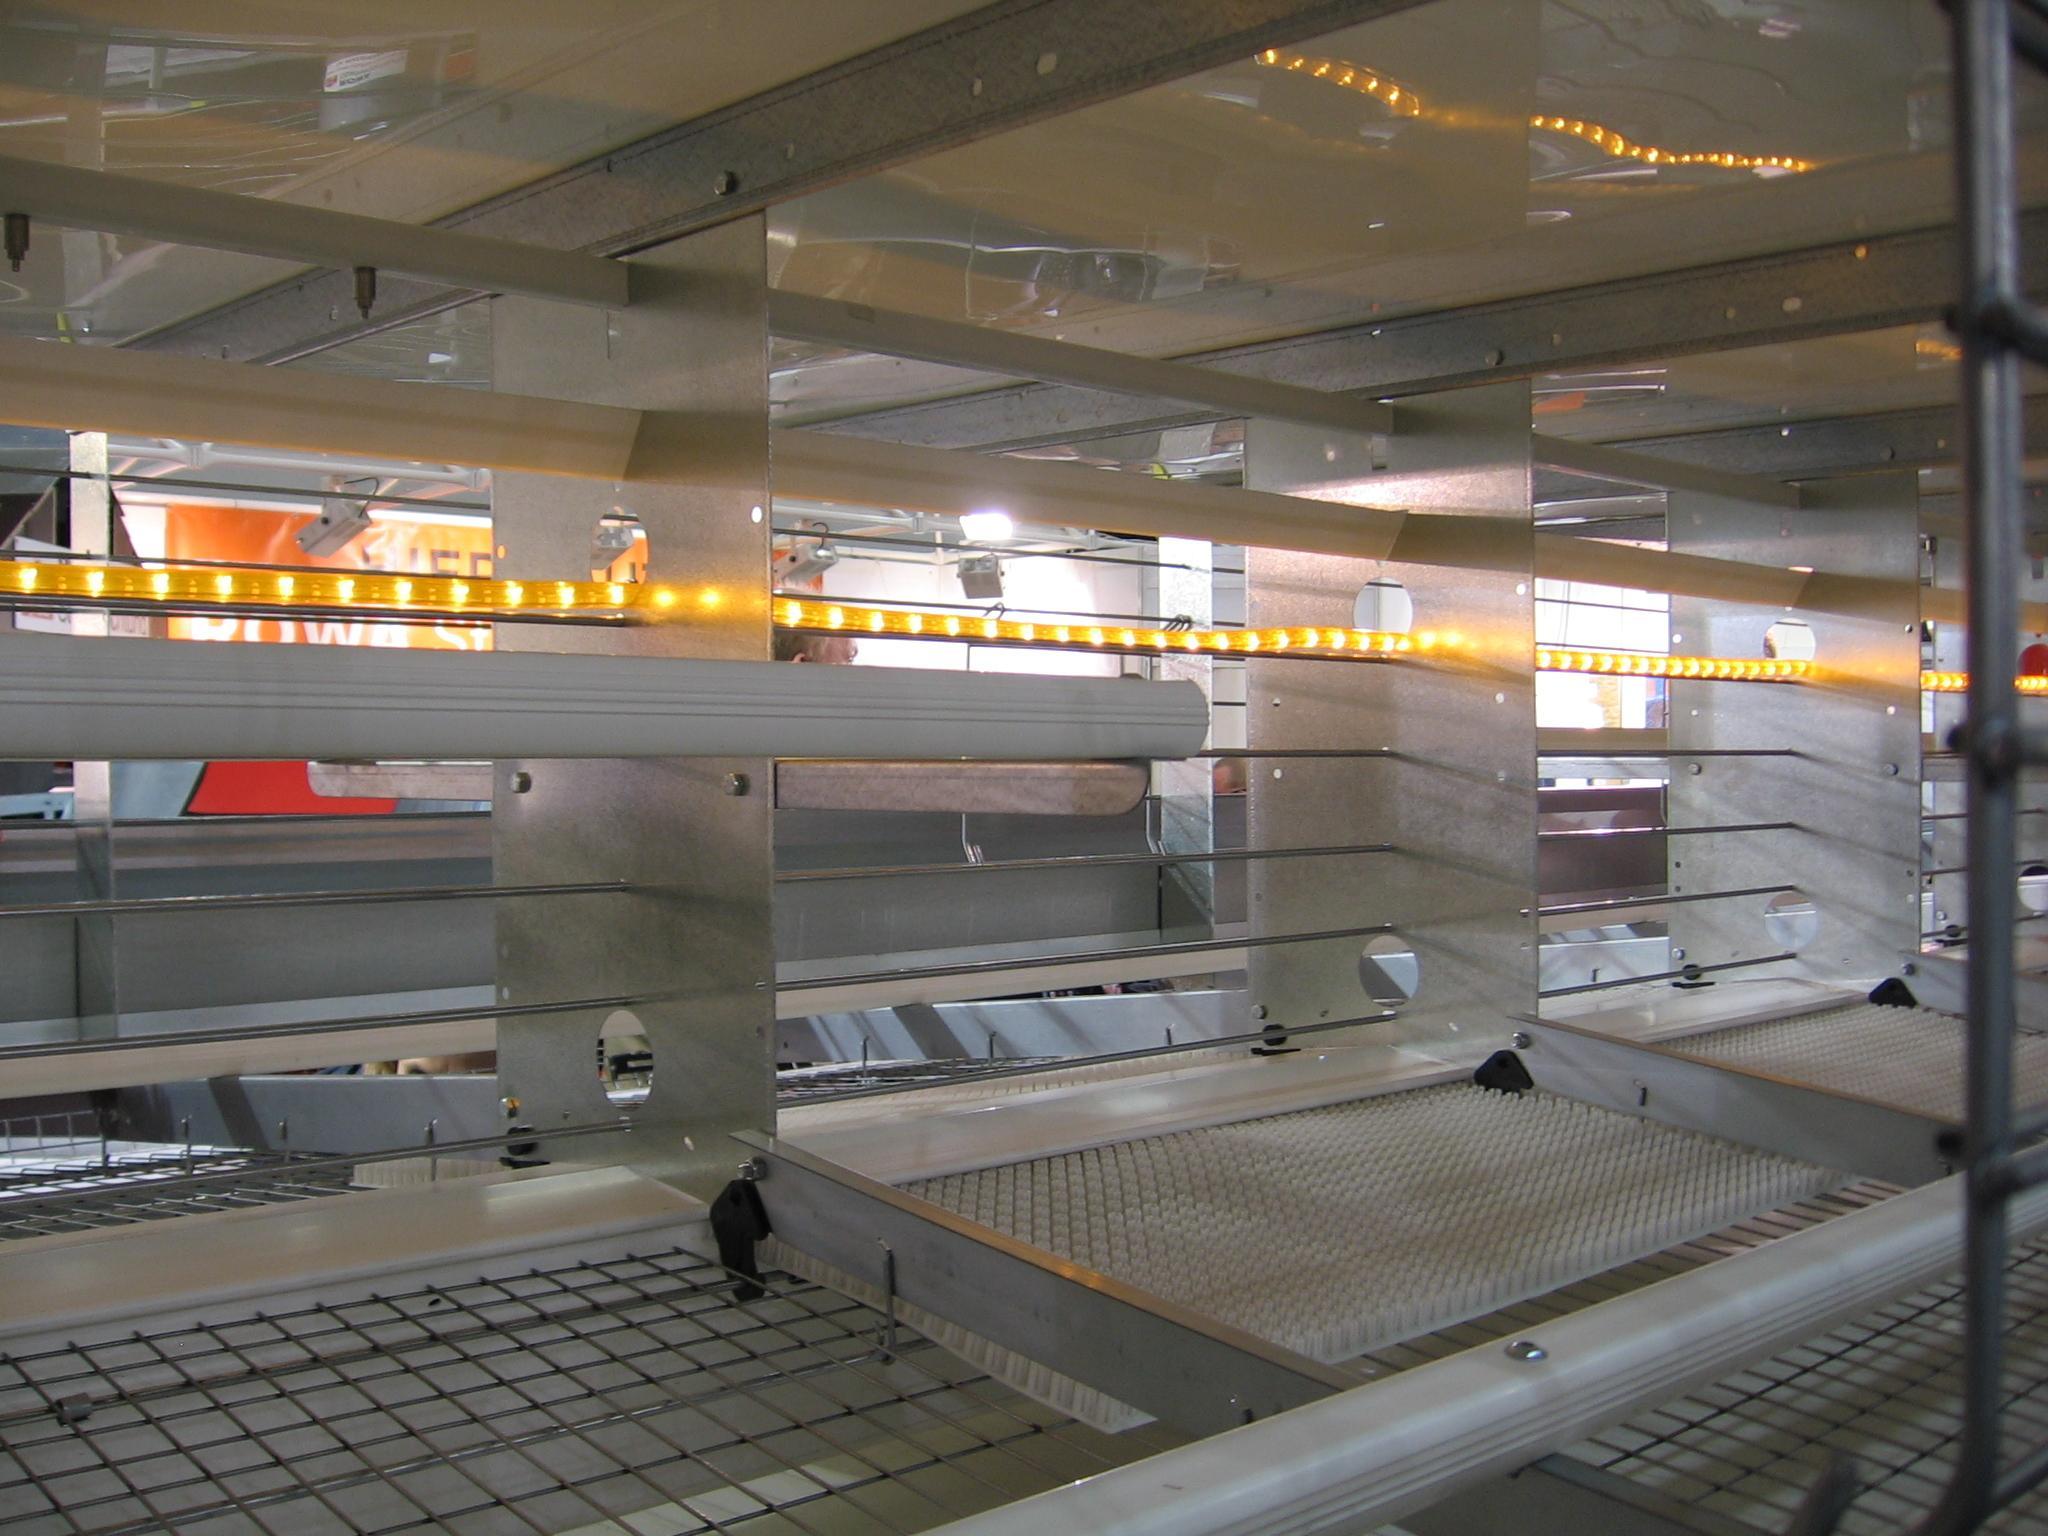 Светодиодное освещение в клетке для несушки компании Hellmann